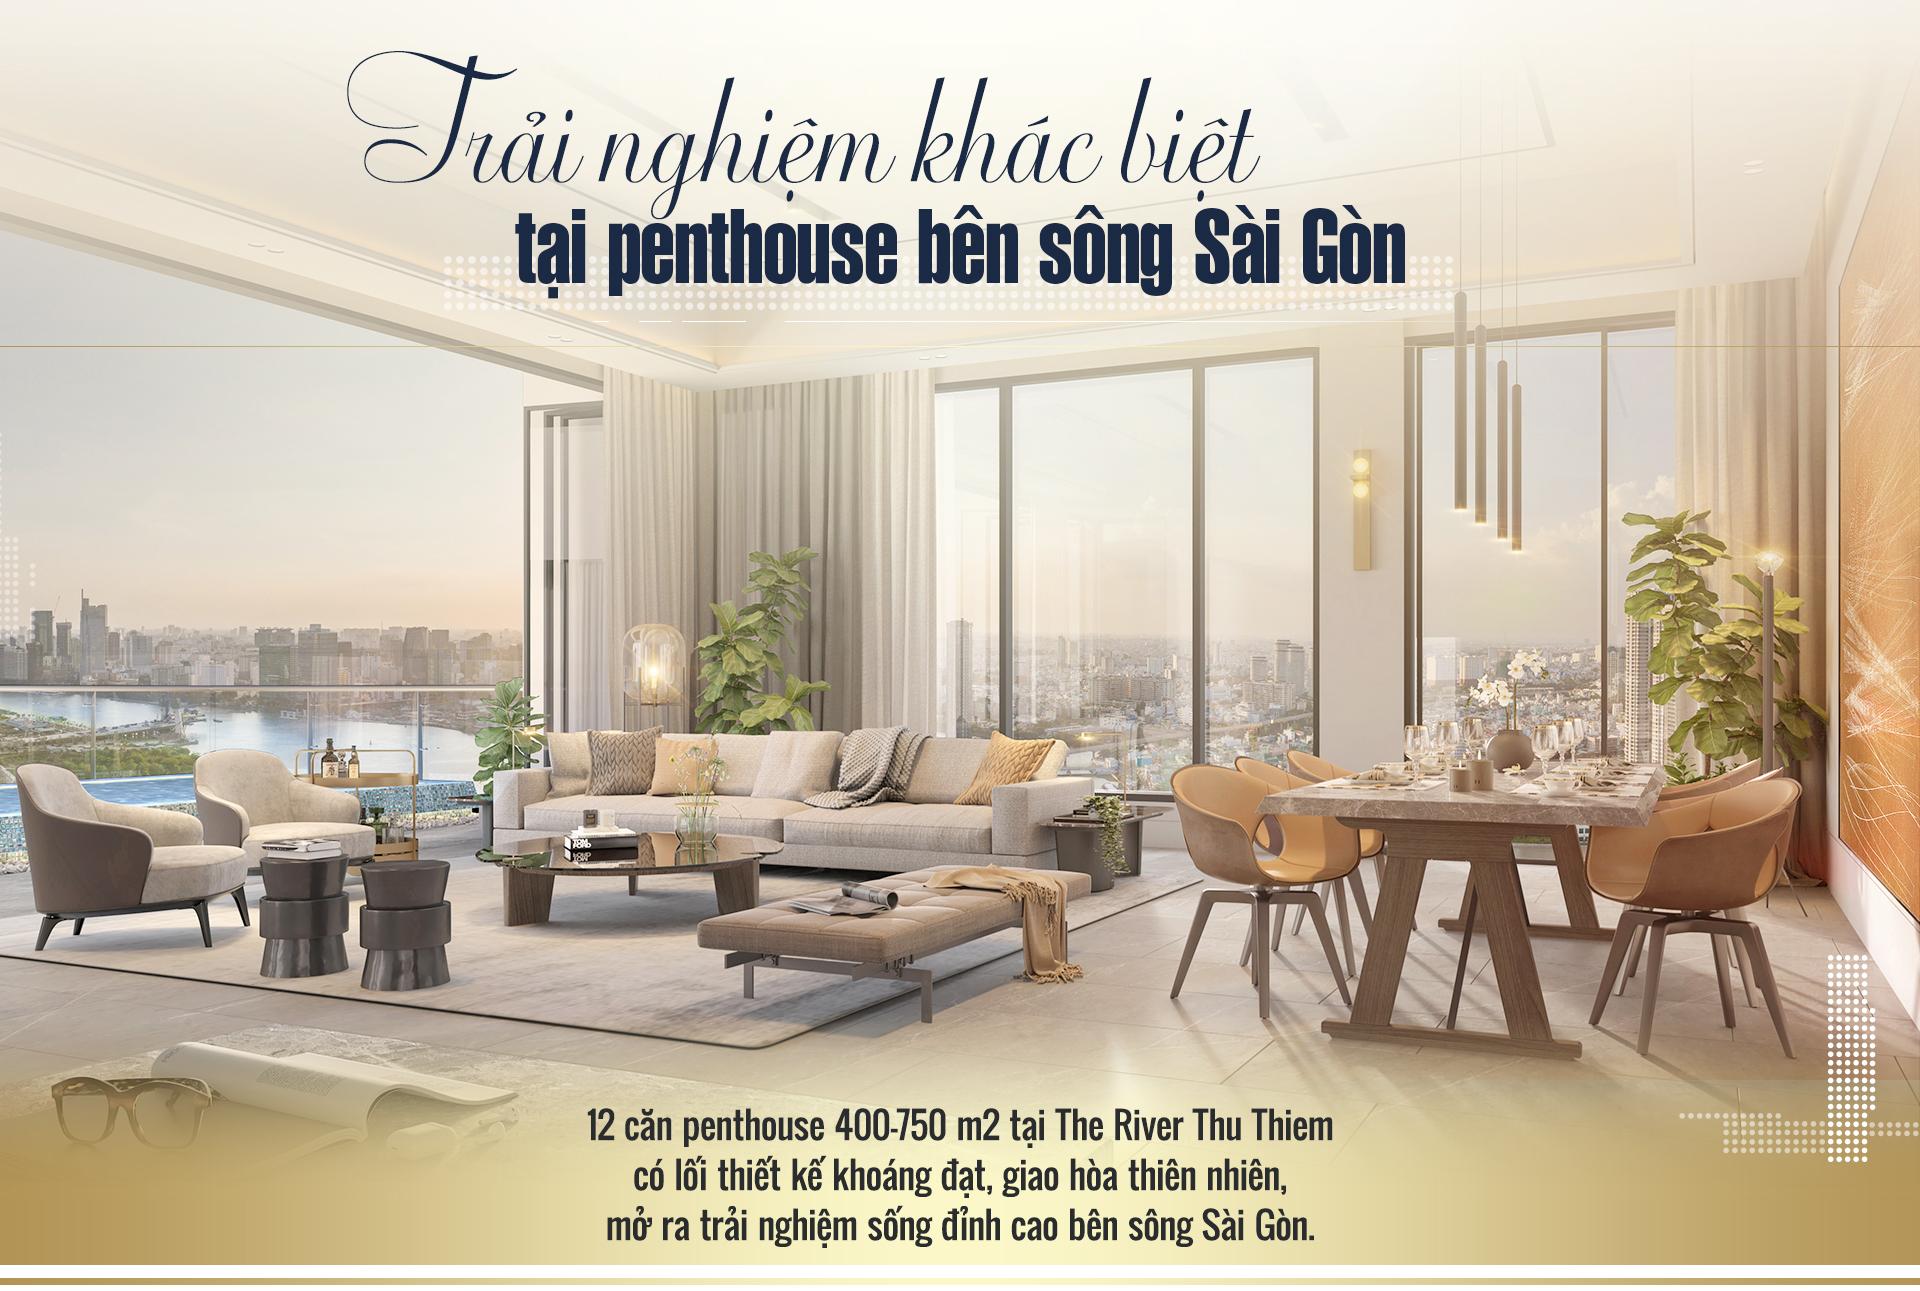 Trải nghiệm khác biệt tại penthouse ven sông Sài Gòn 1